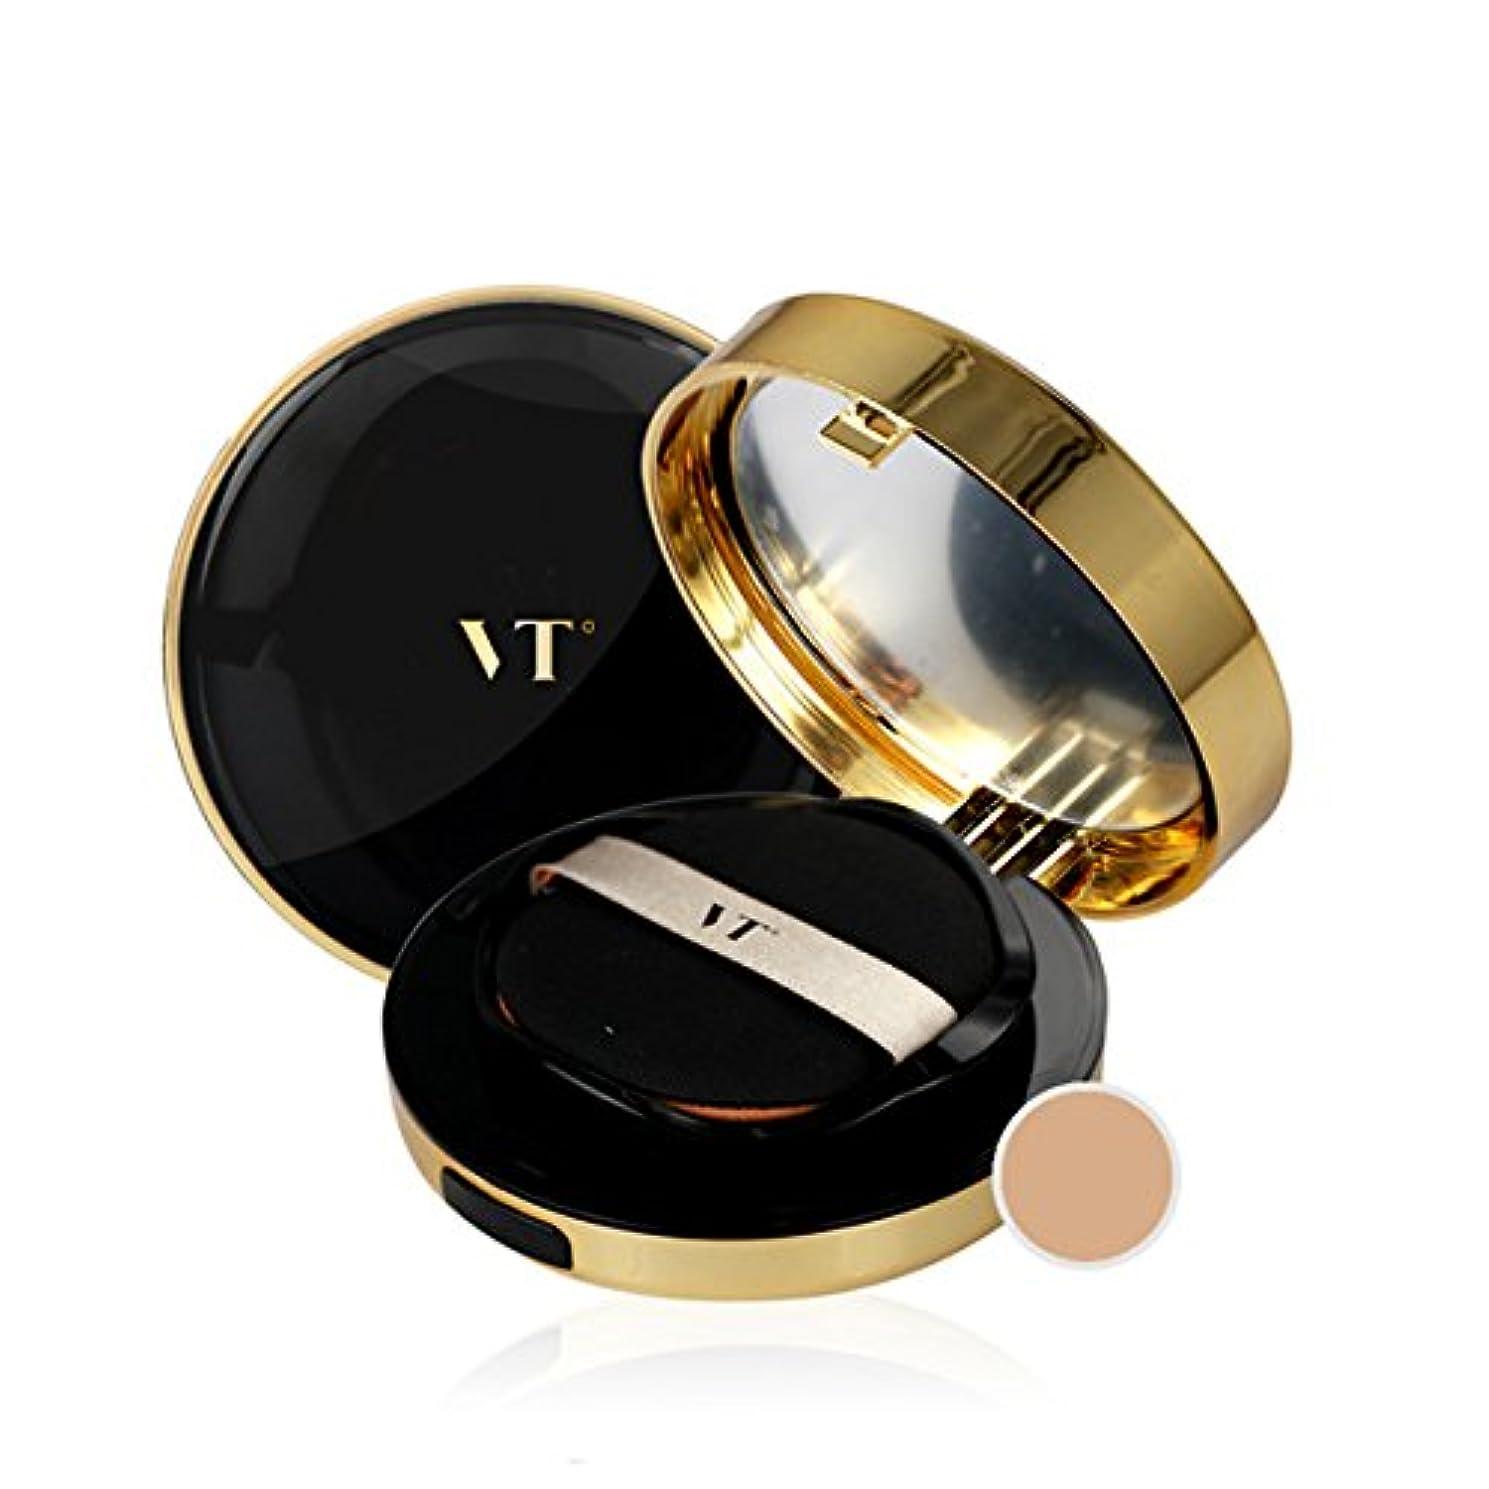 充電確かめるローブバント36.5(VANT36.5)エッセンス スキン ファンデーション パクト(Essence Skin Foundation Pact)SPF50/PA+++ 12g